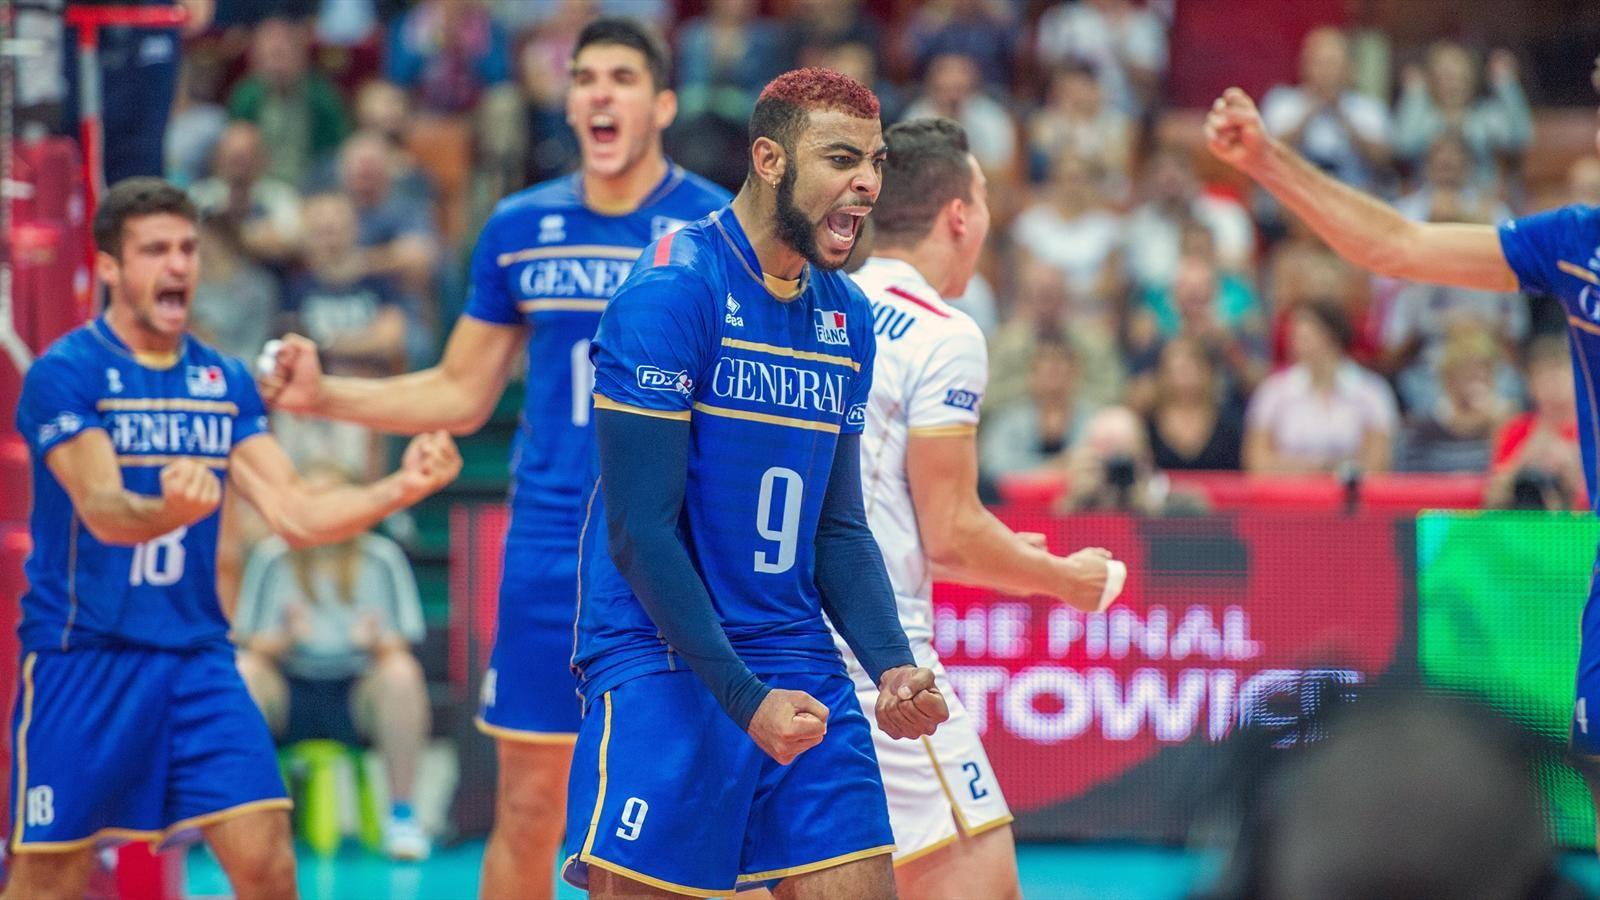 Mondial 2014 France Les Six Raisons Pour Lesquelles Les Bleus Peuvent Etre Sereins Sur Leur Avenir Sports Sports Jersey Volleyball